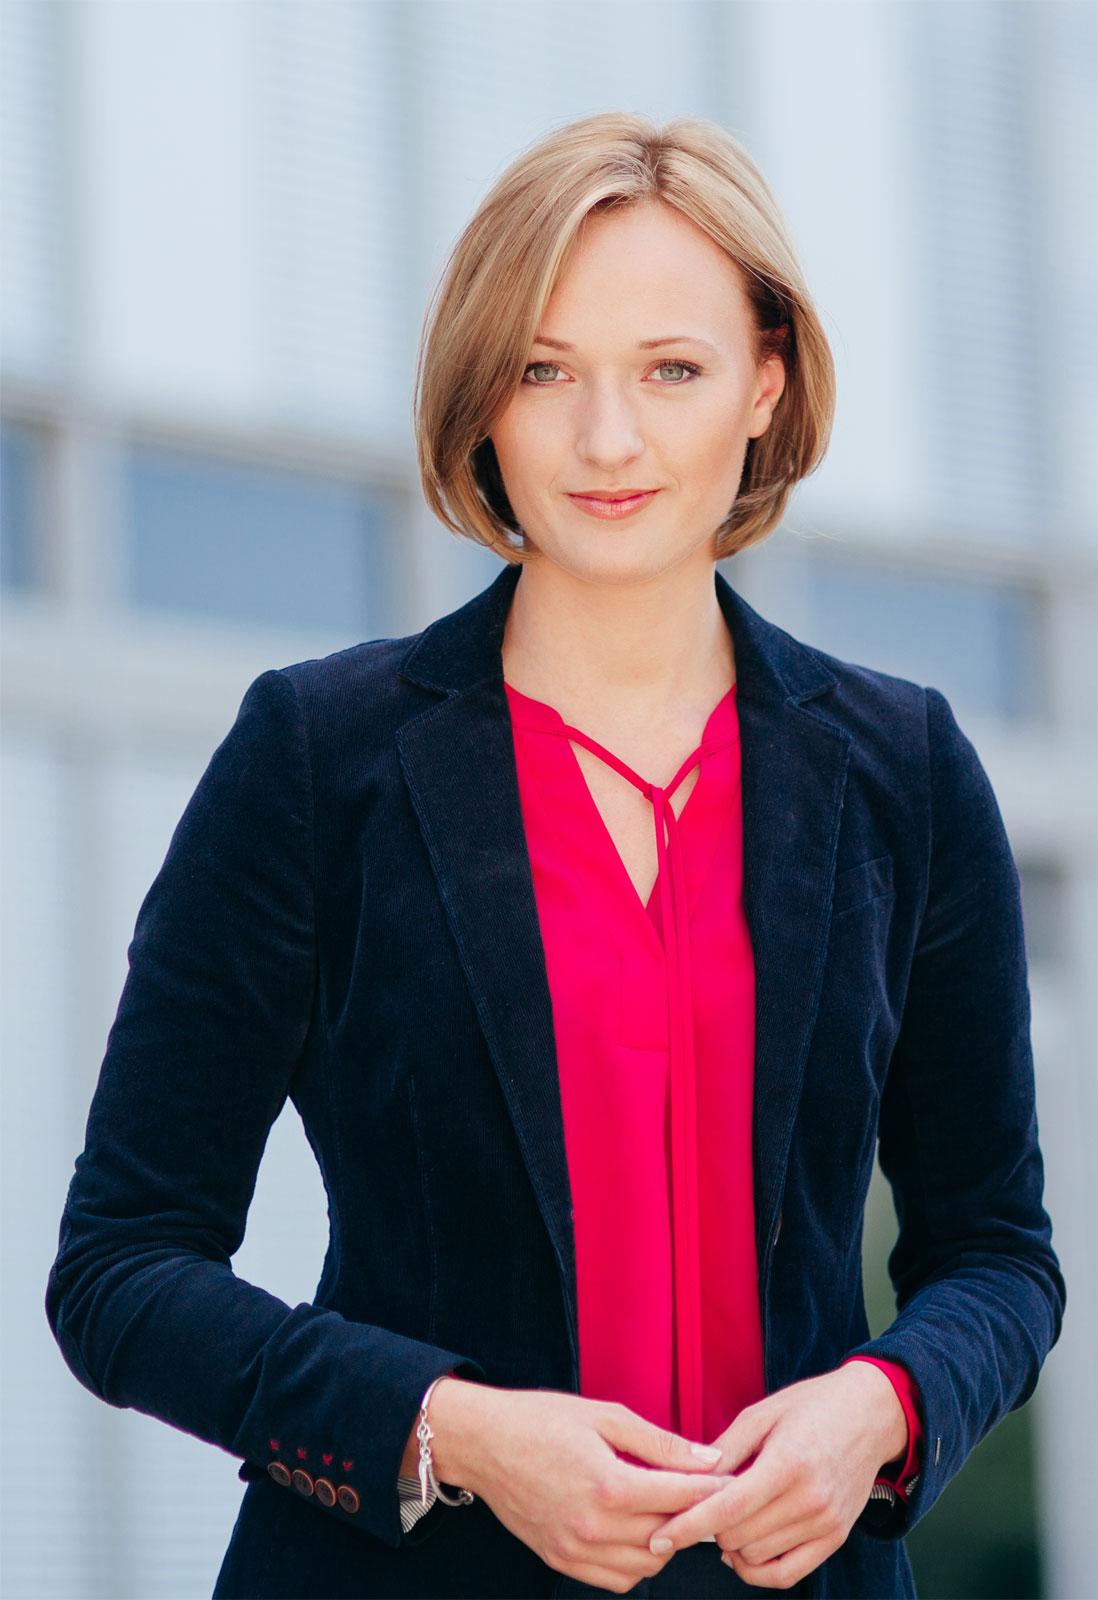 Joanna Procyszyn: